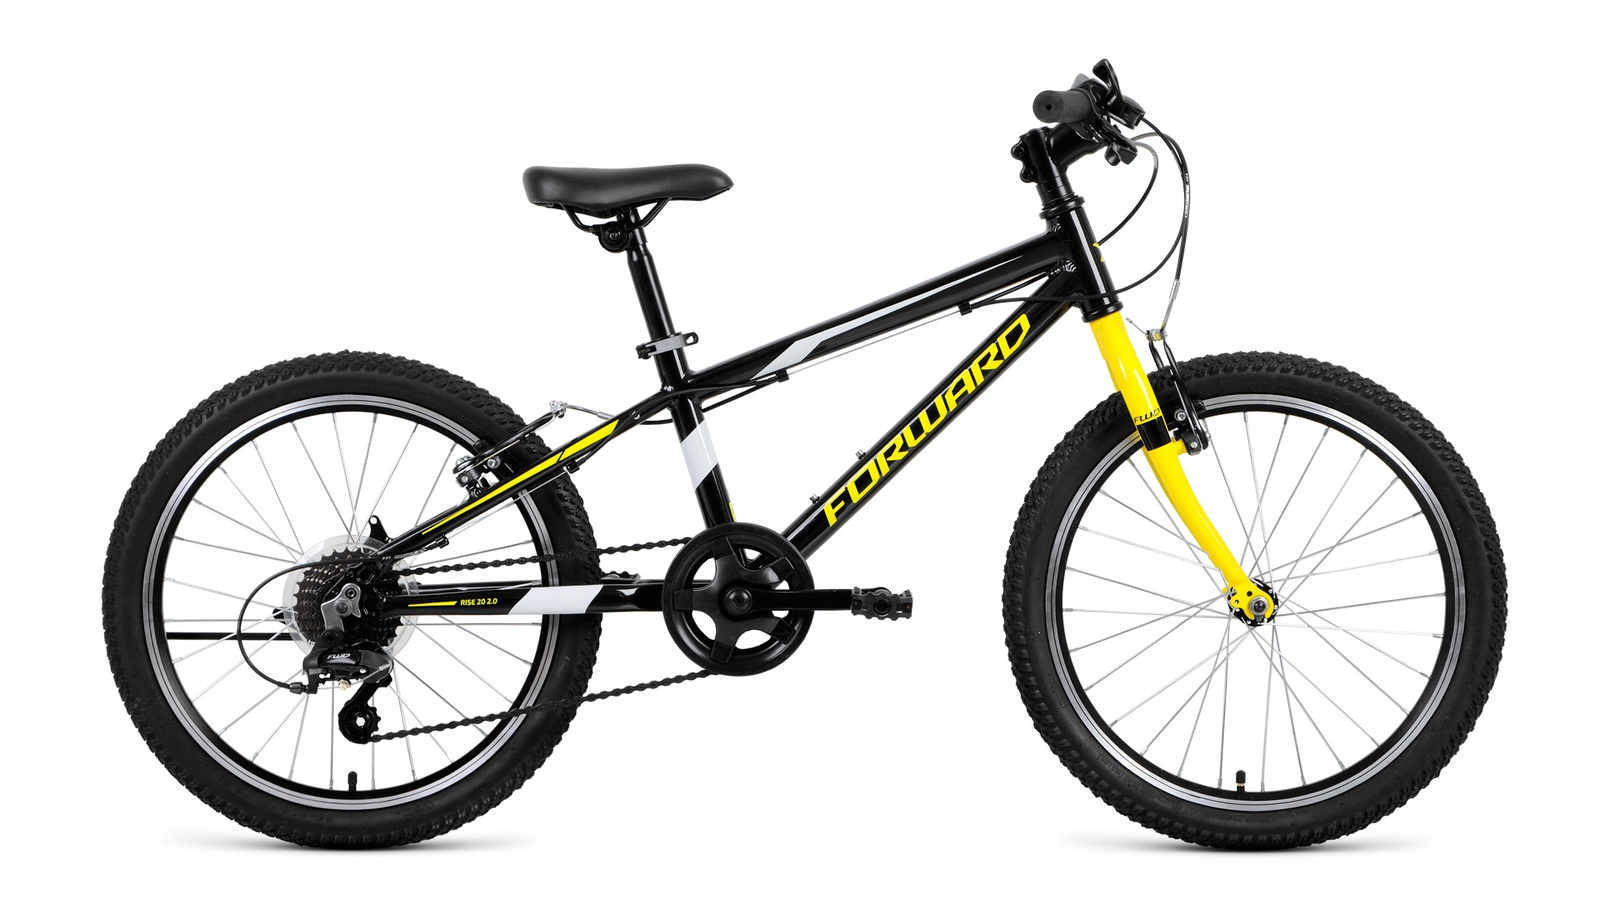 Велосипед Forward Rise 20 2.0, черный, желтый